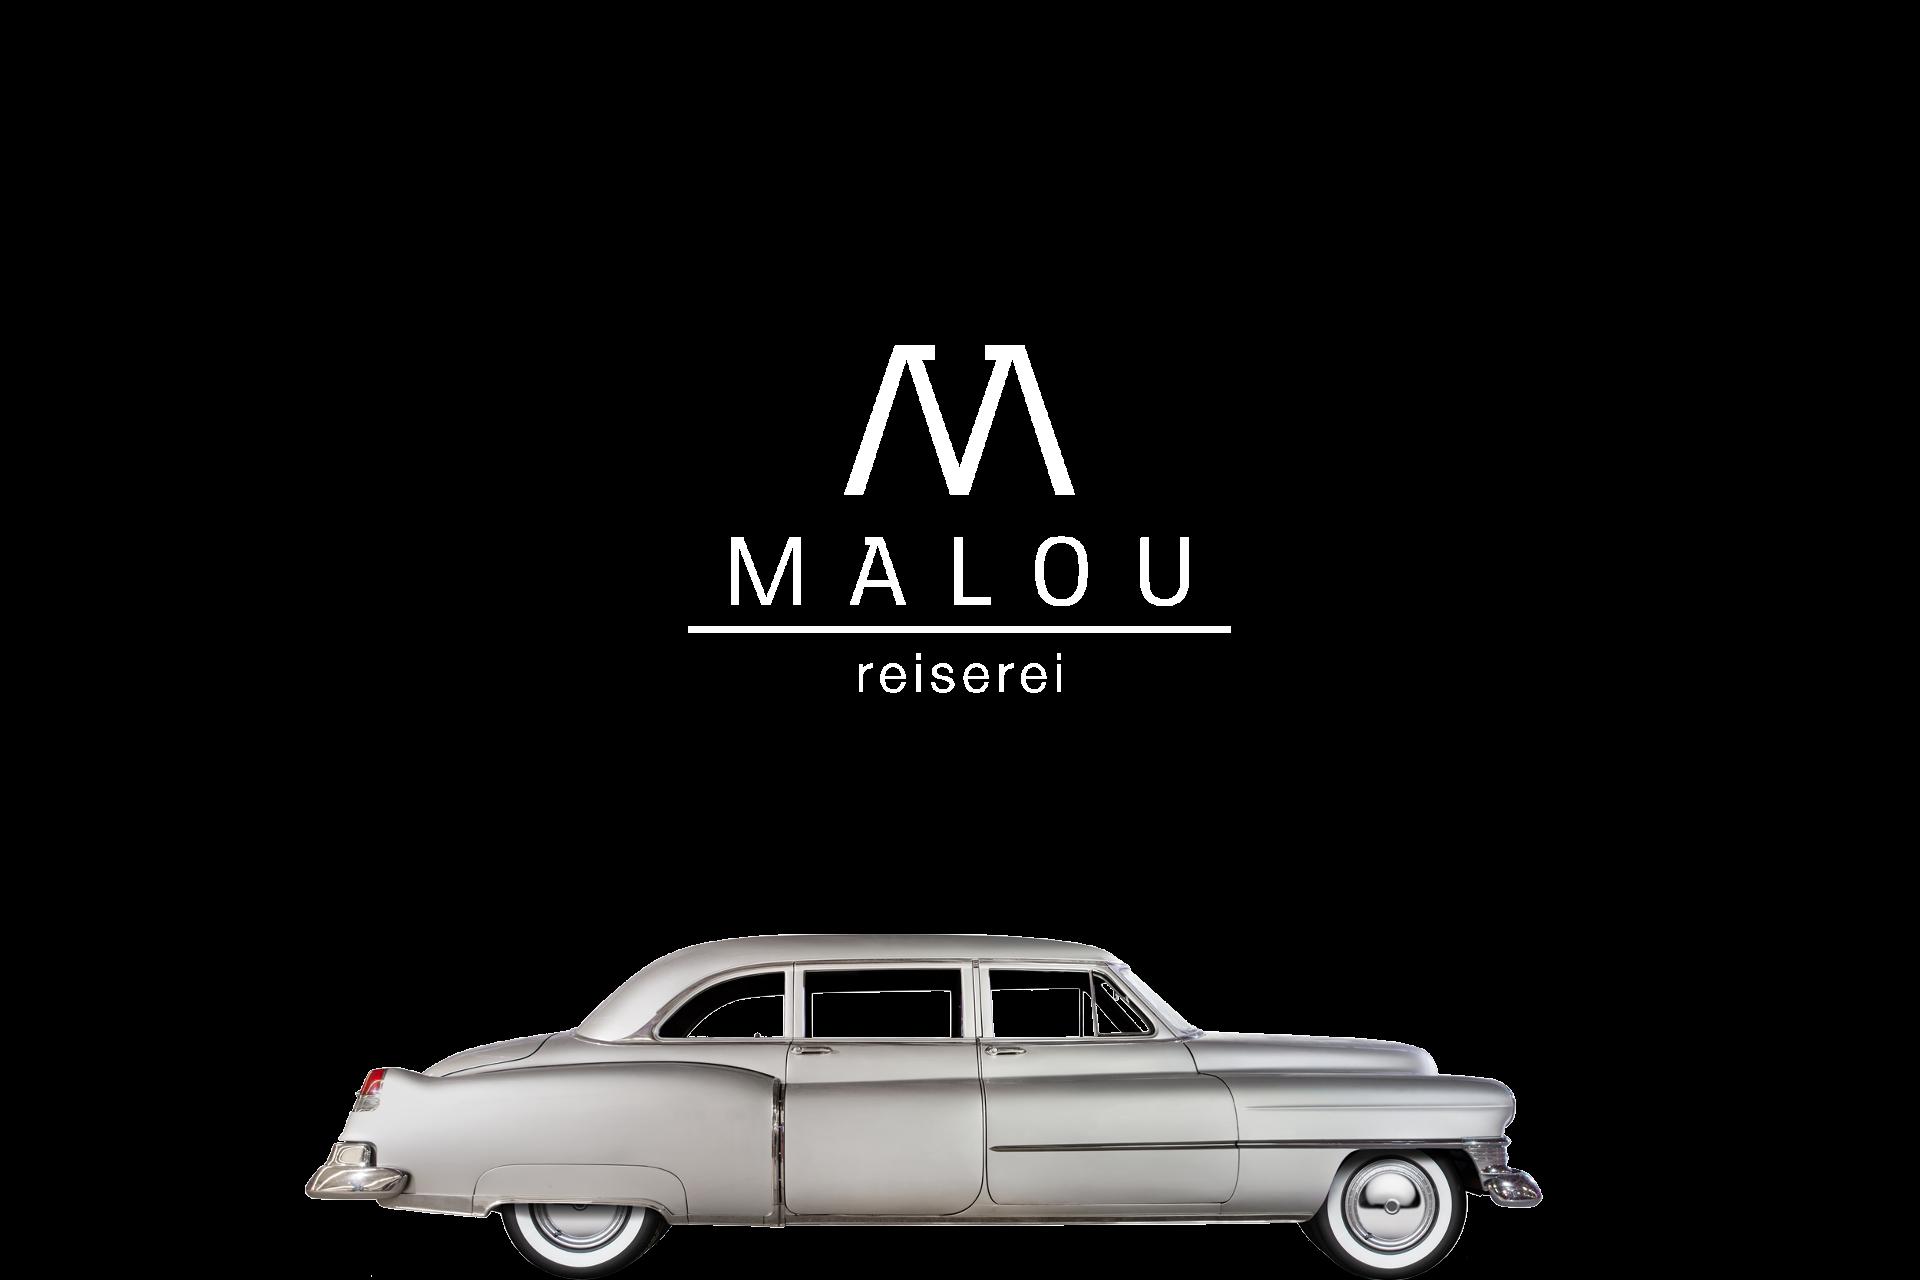 MALOU Reiserei